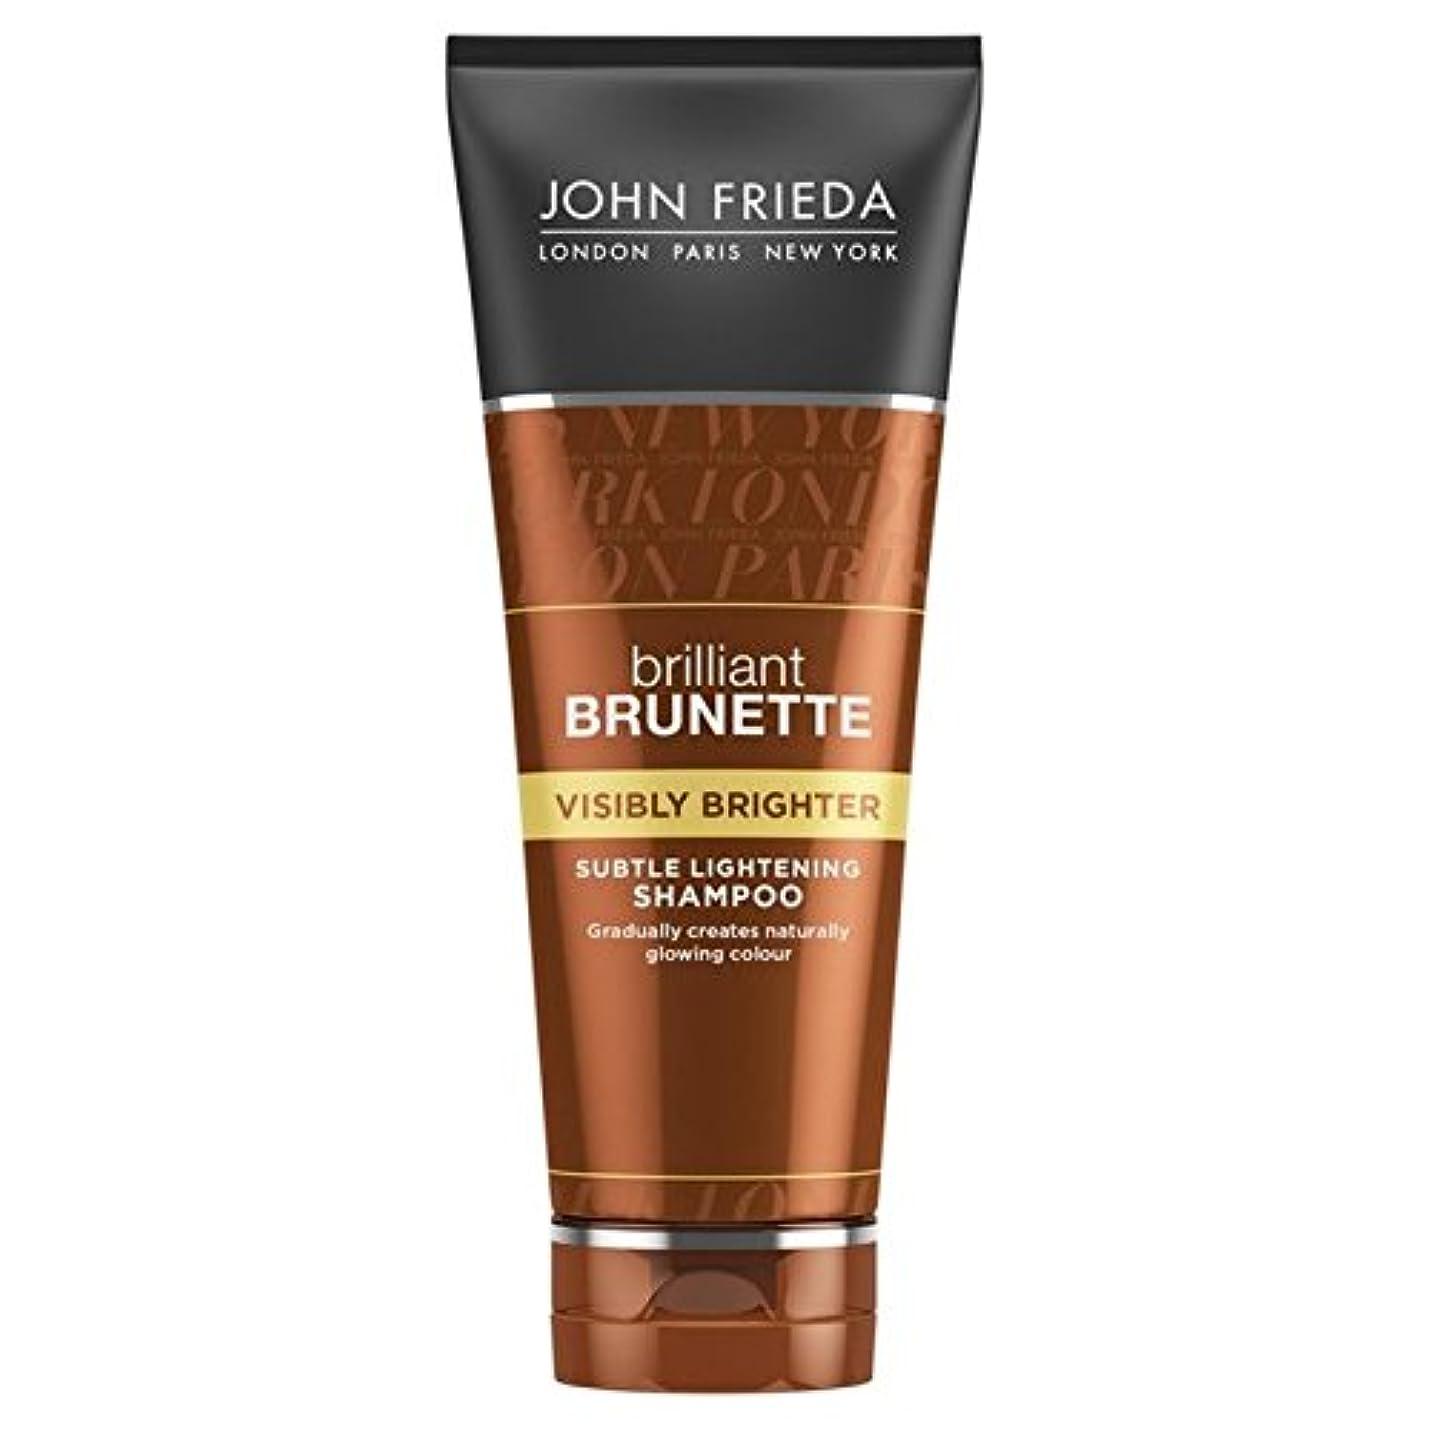 ブロック弱いサンダーJohn Frieda Brilliant Brunette Visibly Brighter Shampoo 250ml - ジョン?フリーダ華麗なブルネット目に見えて明るくシャンプー250 [並行輸入品]